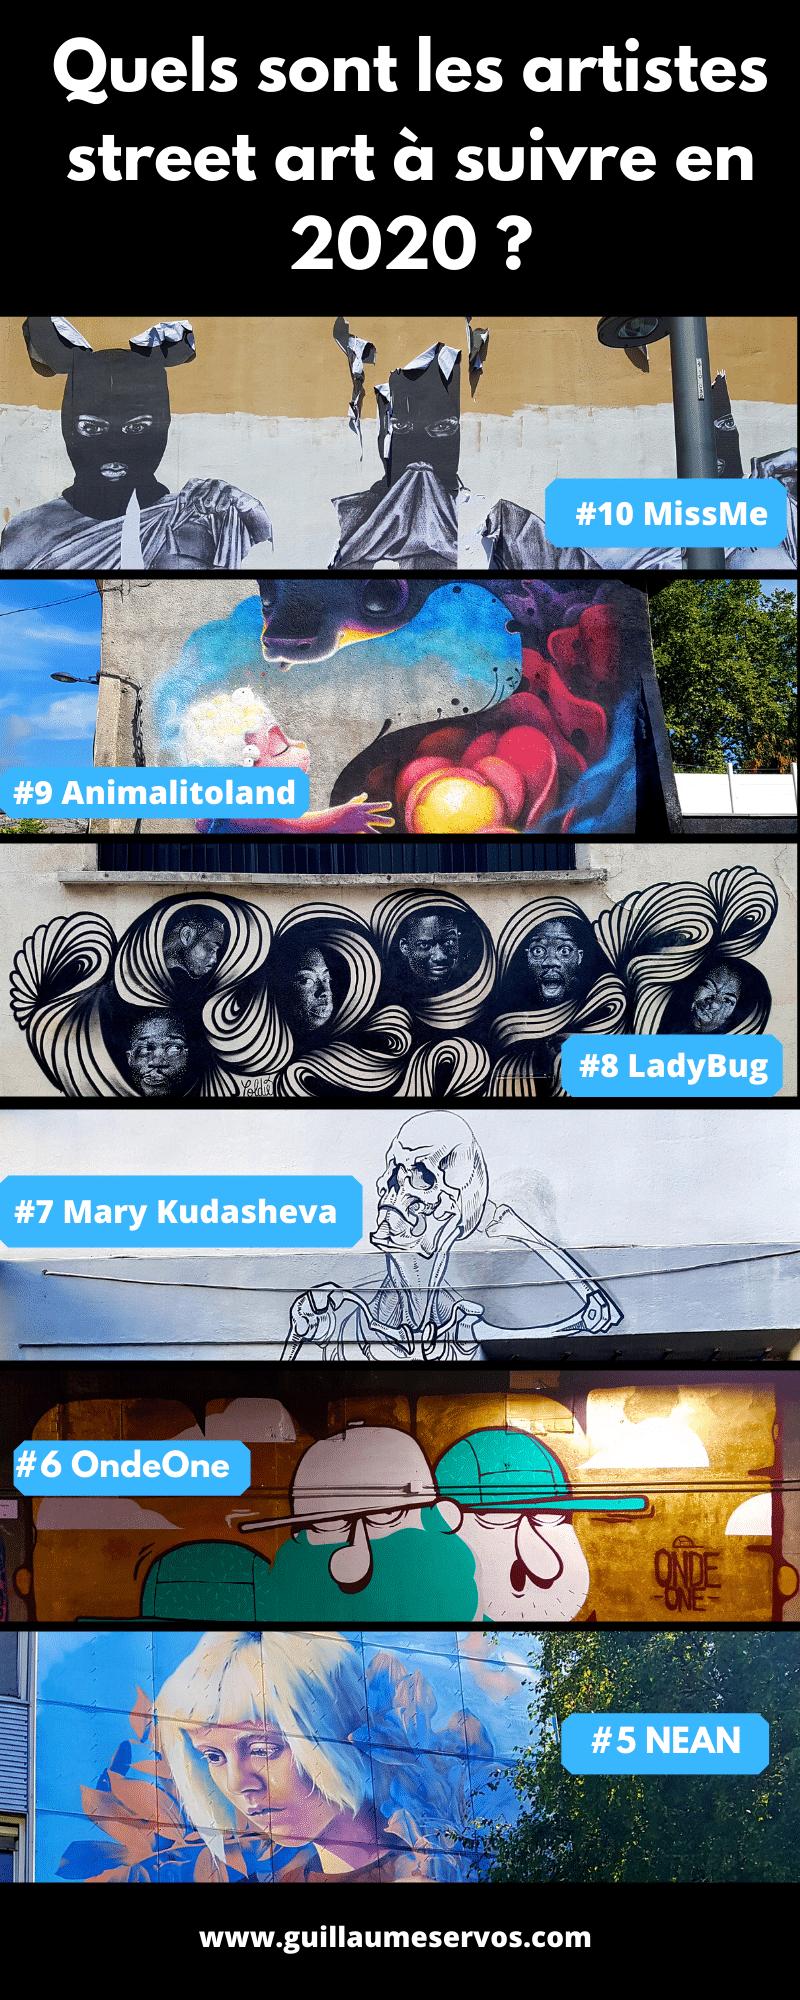 Tu aimes le street art et tu veux découvrir les street artistes les plus prometteurs en 2020. Au menu : MissMe, LadyBug, Aero, PBoy, Doudou Style...